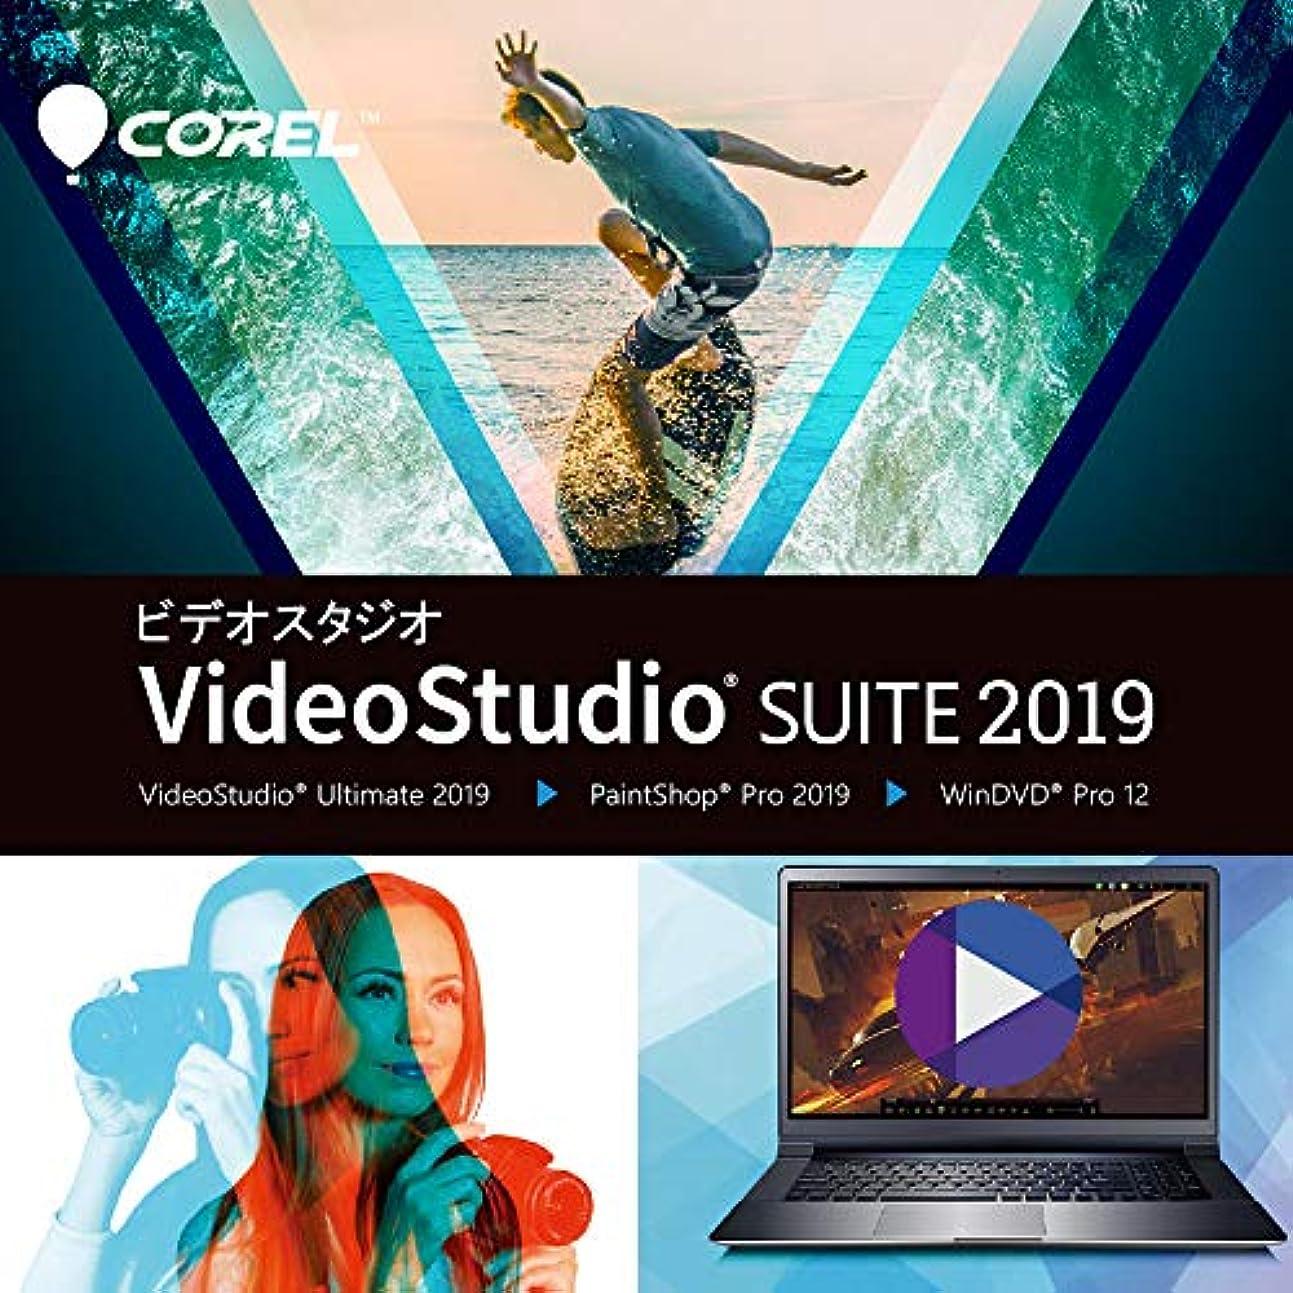 塩叱る限りCorel VideoStudio Suite 2019 通常版|ダウンロード版